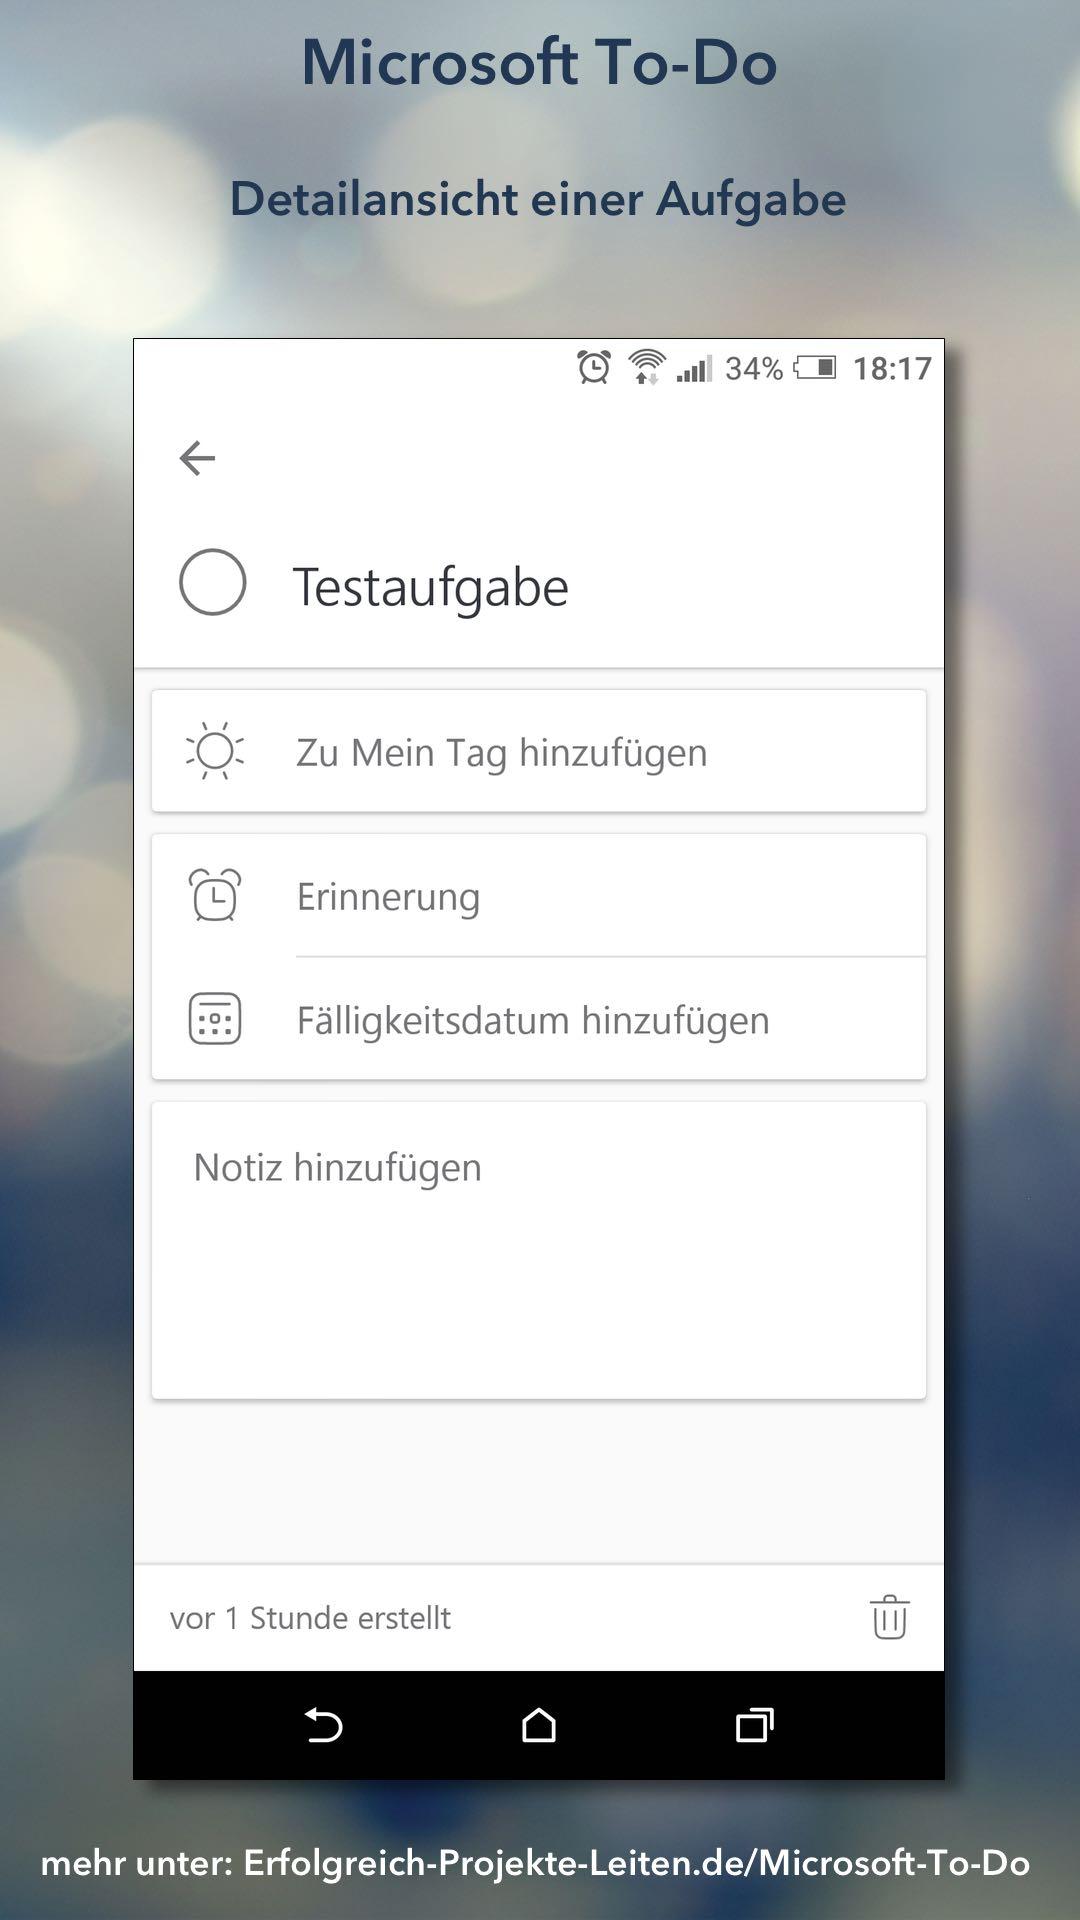 Microsoft To-Do - Aufgabe (Detailansicht)